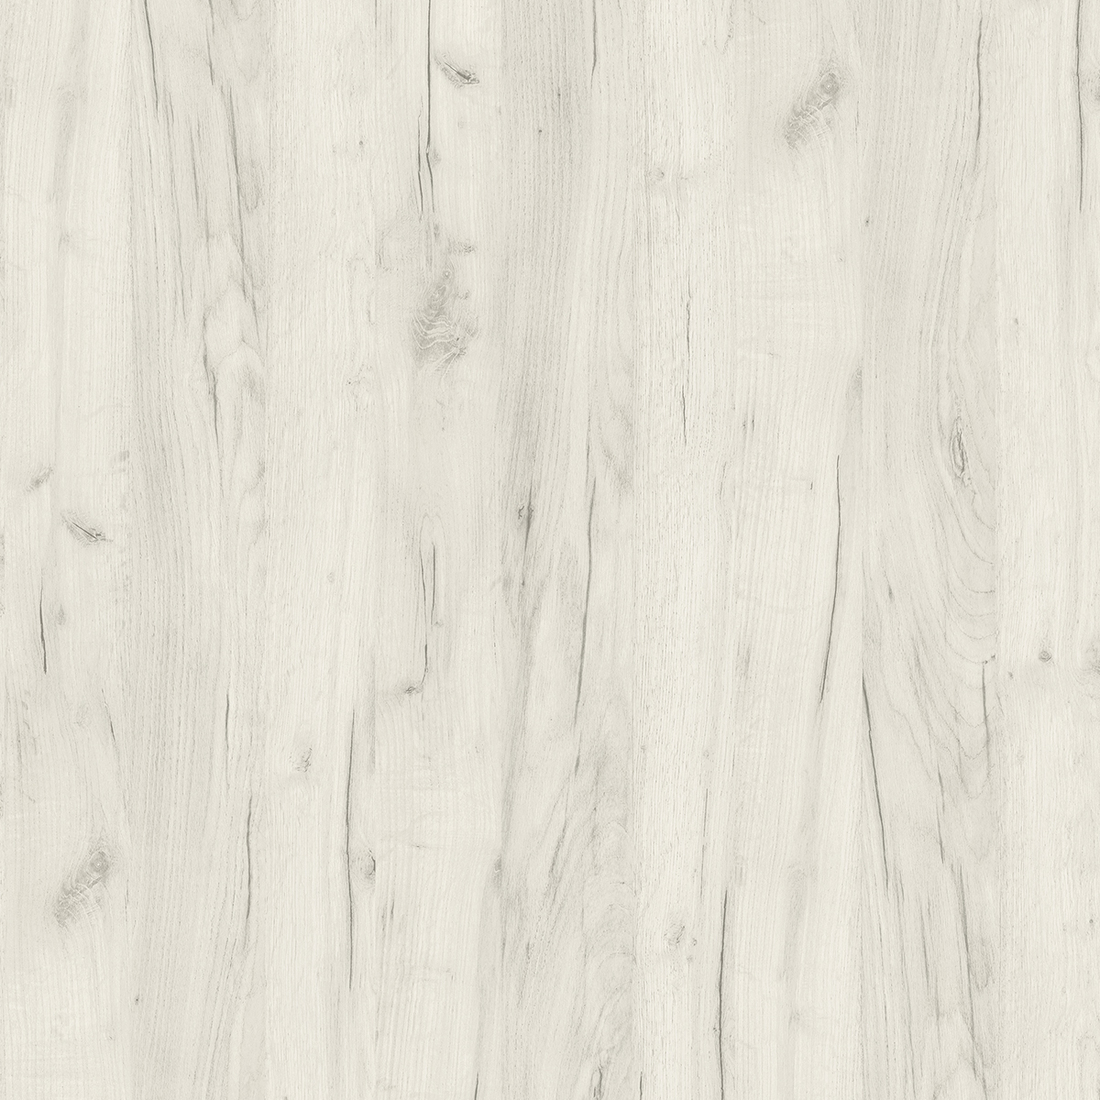 K001PW - White Craft Oak